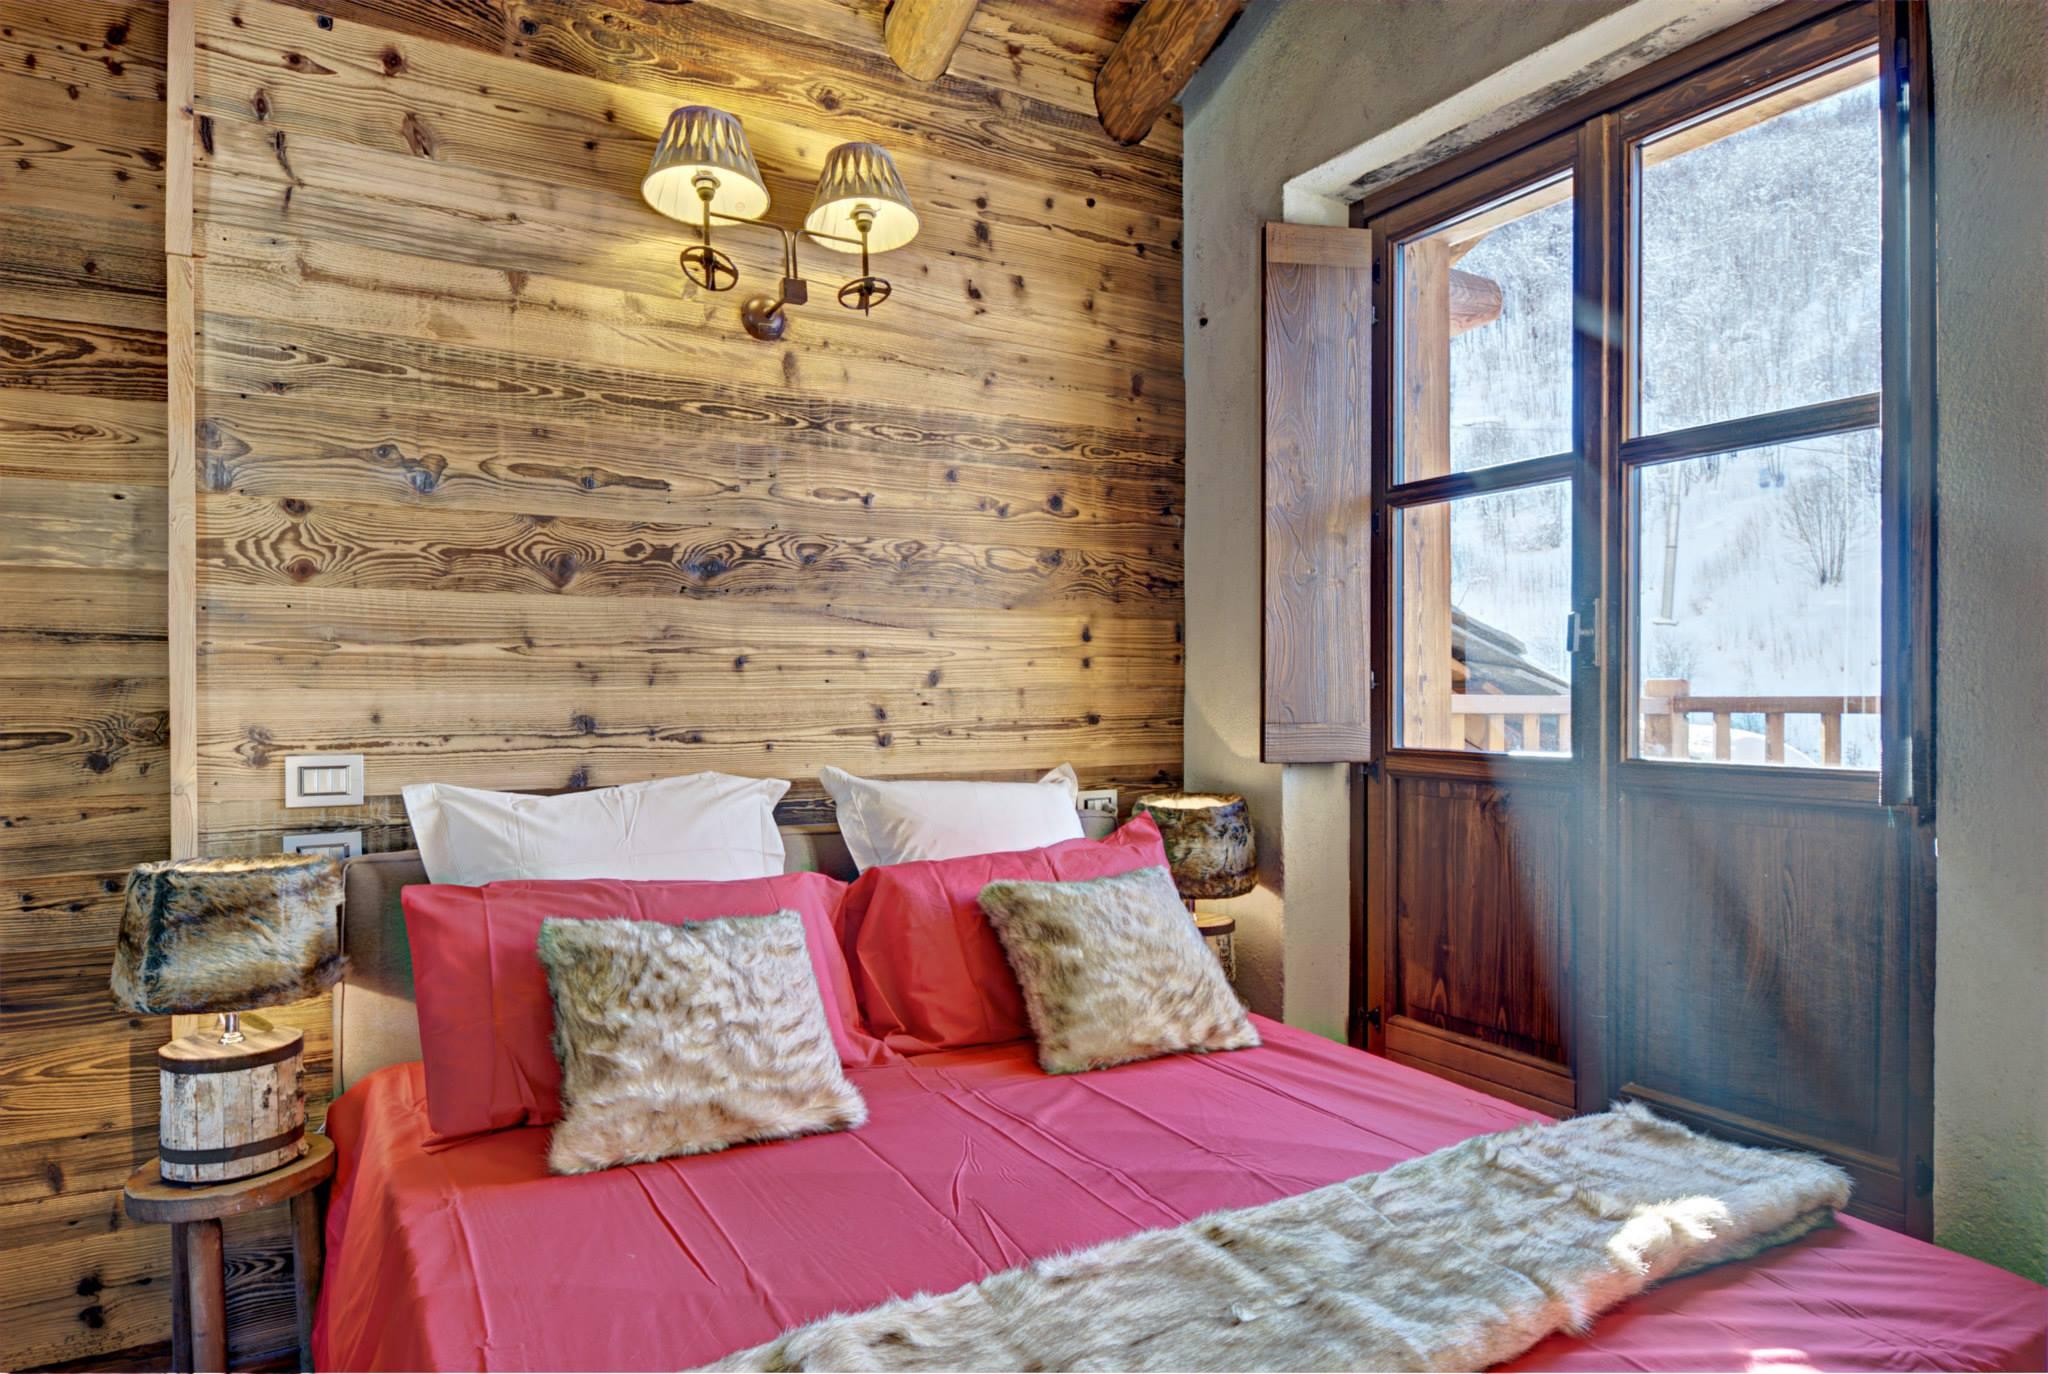 Dise o de interiores r stico uso de madera y piedra for Diseno de interiores para cuartos